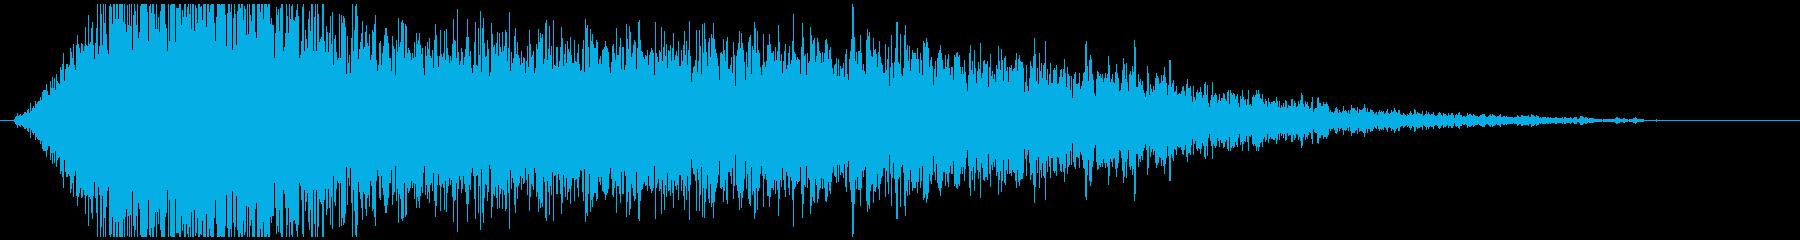 ドローン G ノイズハイ01の再生済みの波形